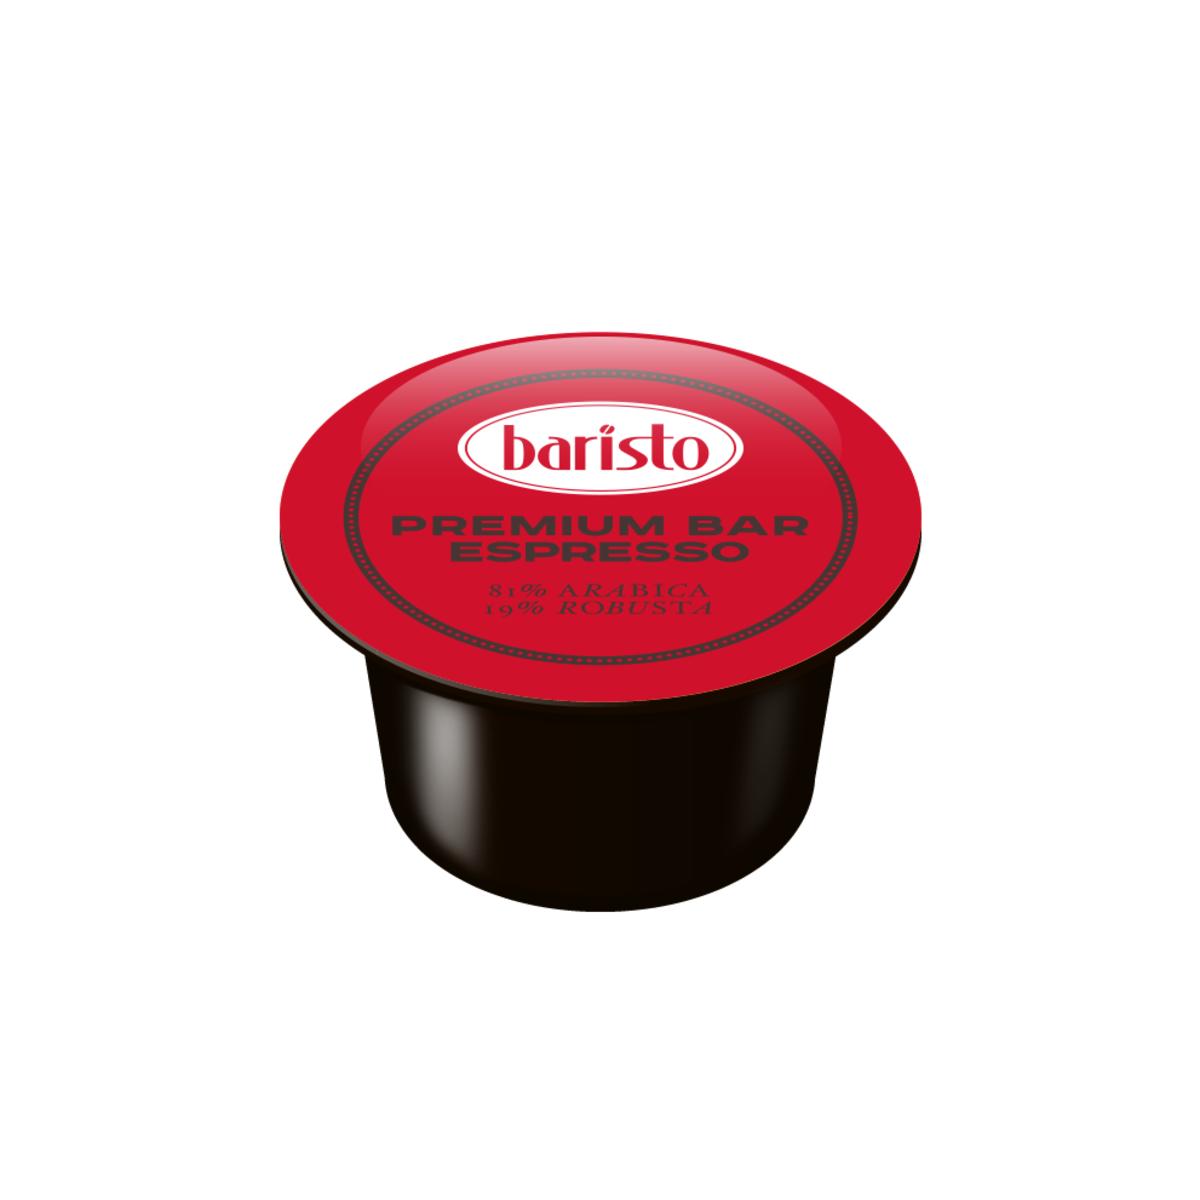 Baristo Premium Bar Espresso капсули за Lavazza Blue